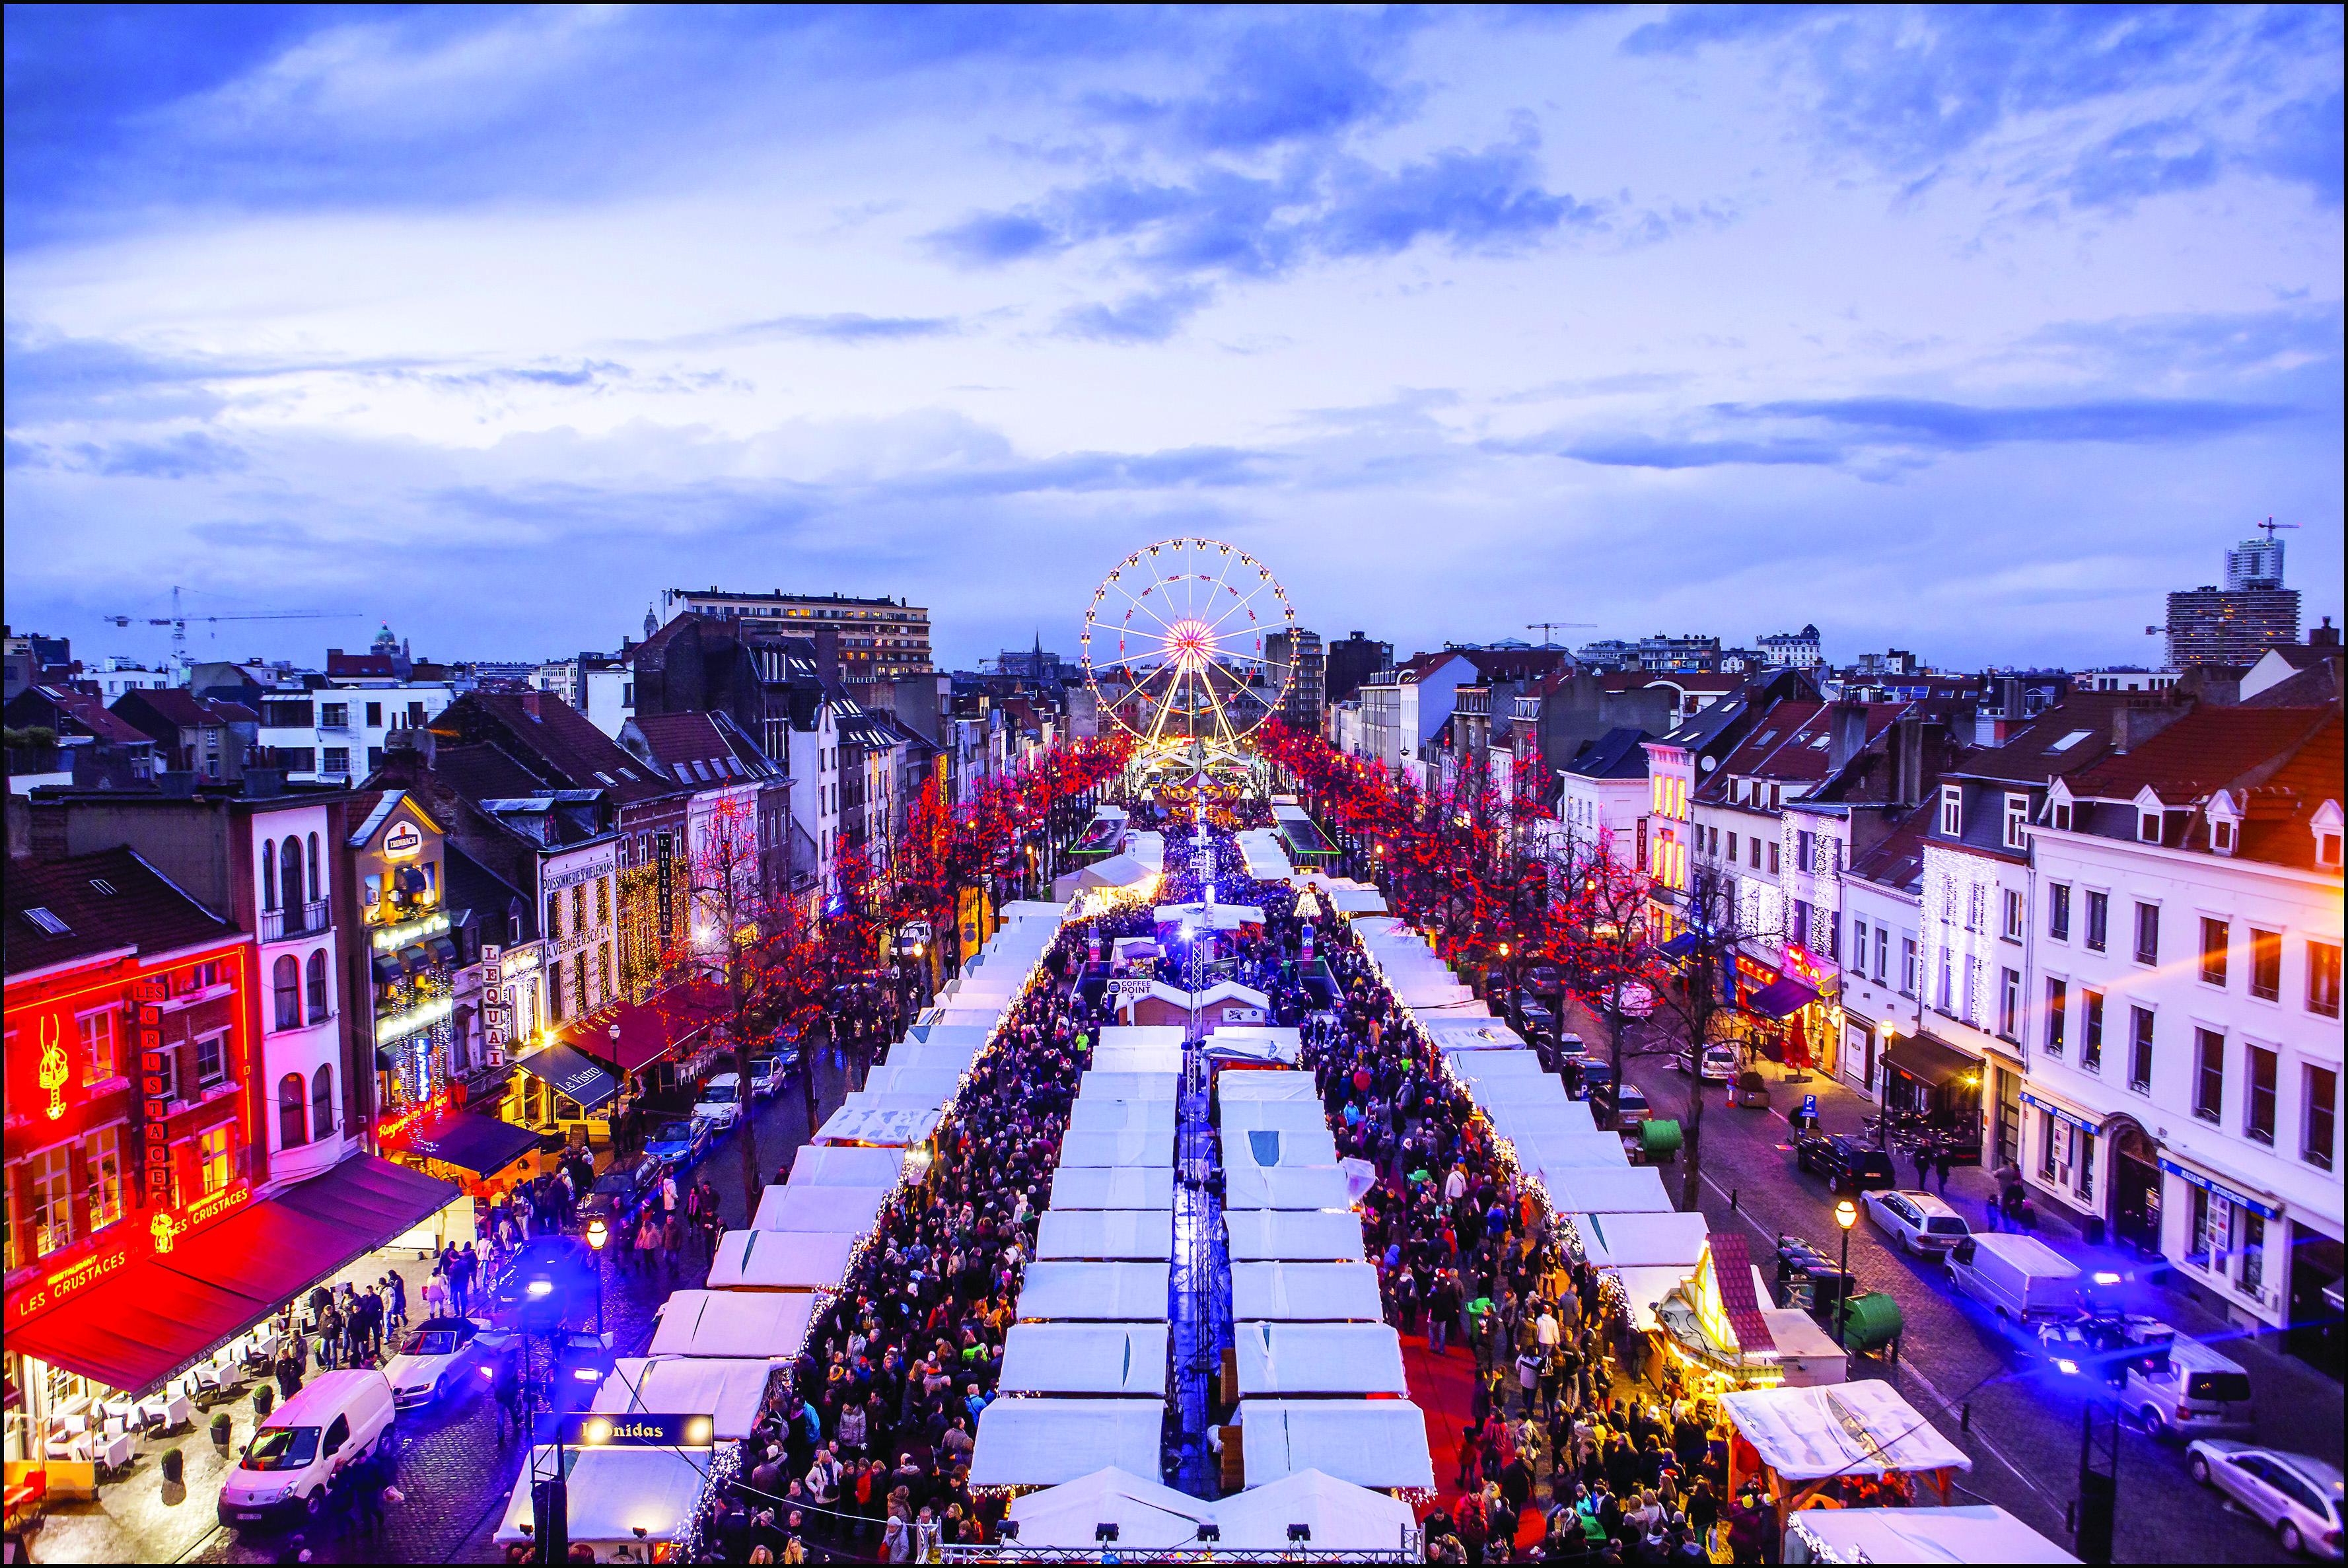 marche de noel bruxelle Marché de Noel Bruxelles   Top 10 marchés de Noel autour du monde  marche de noel bruxelle